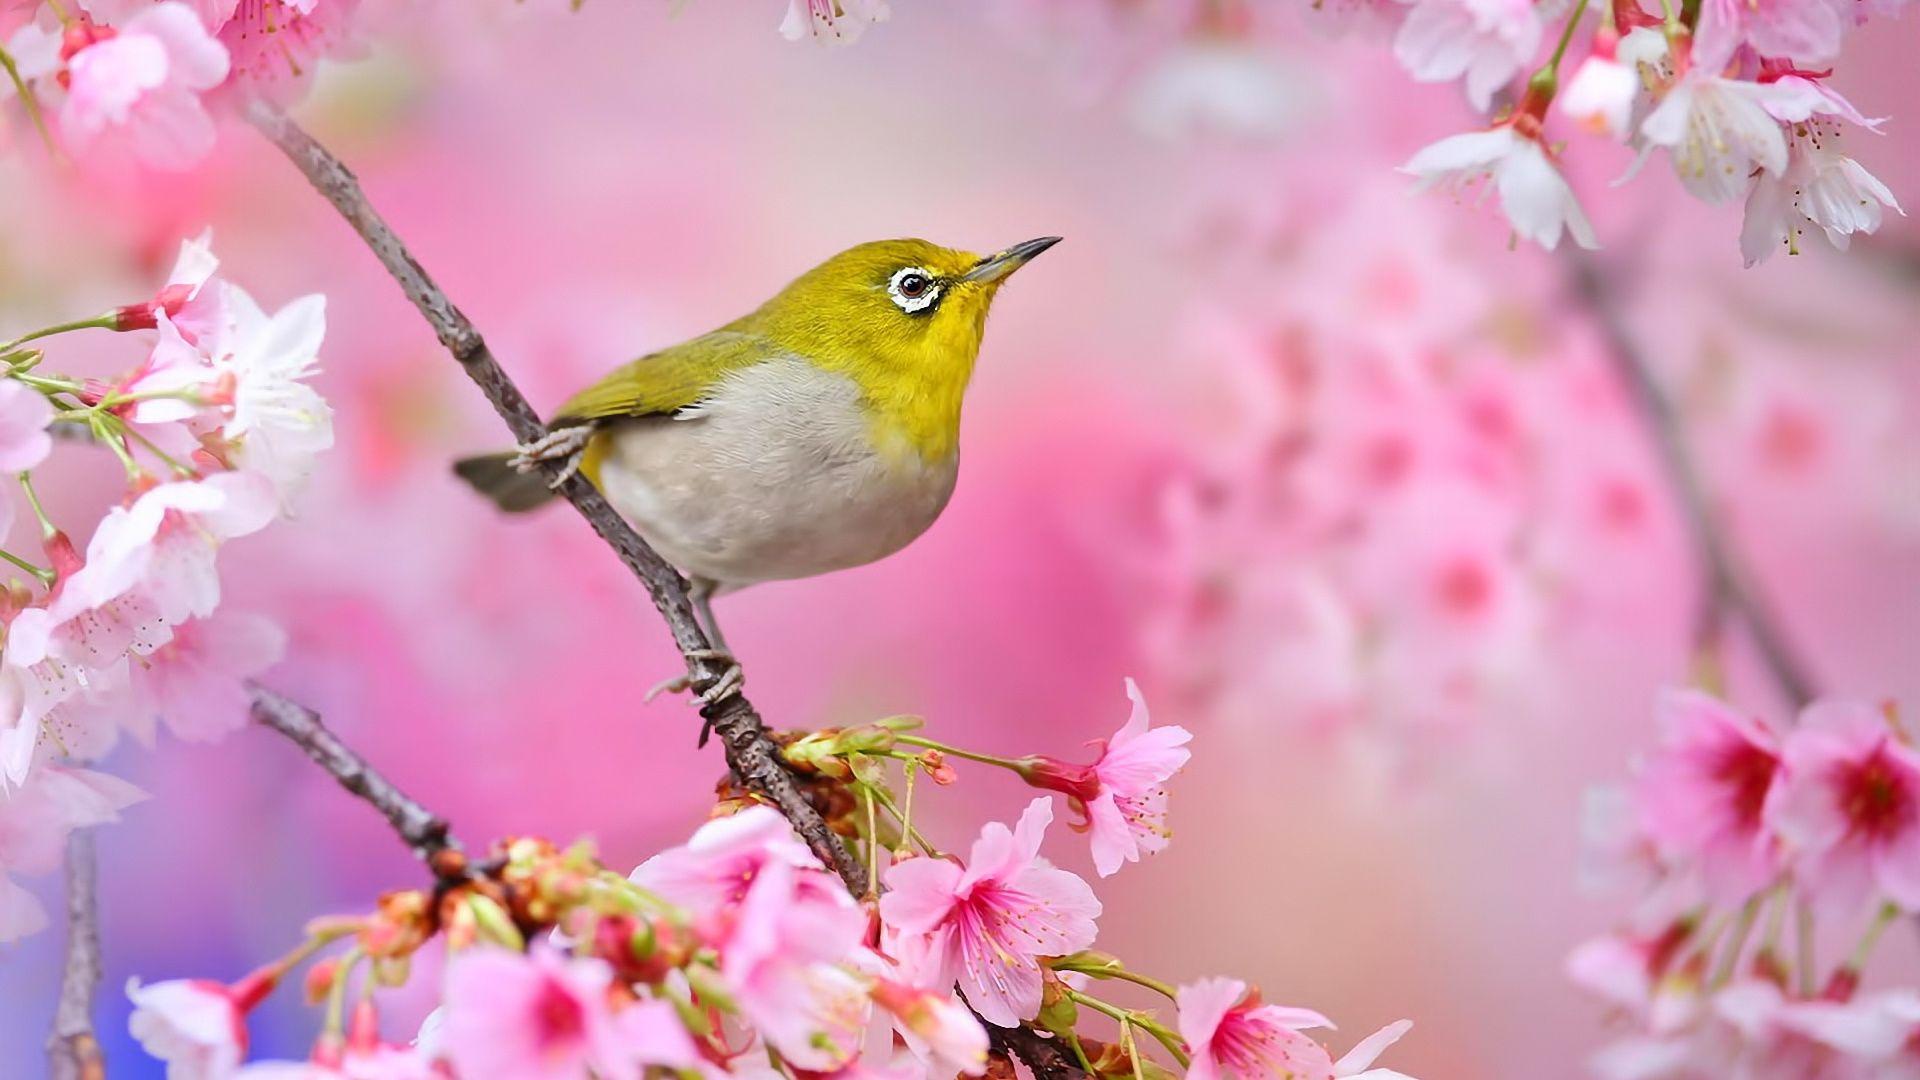 Обои цветы, птицы мира, красиво. Животные foto 10